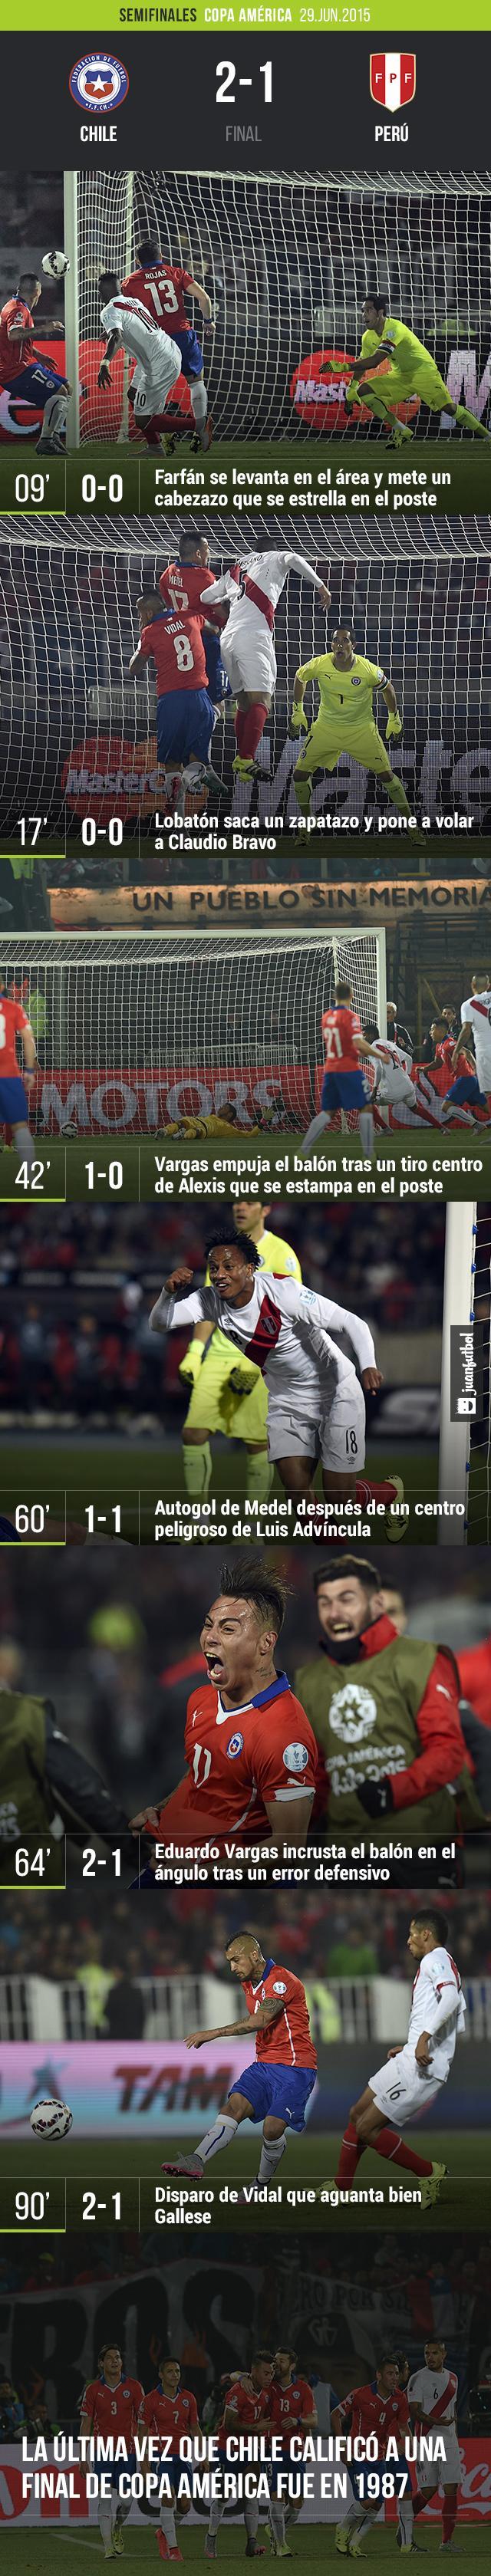 Chile vence 2-1 a Perú y se clasifica después de 28 años a una final de Copa América